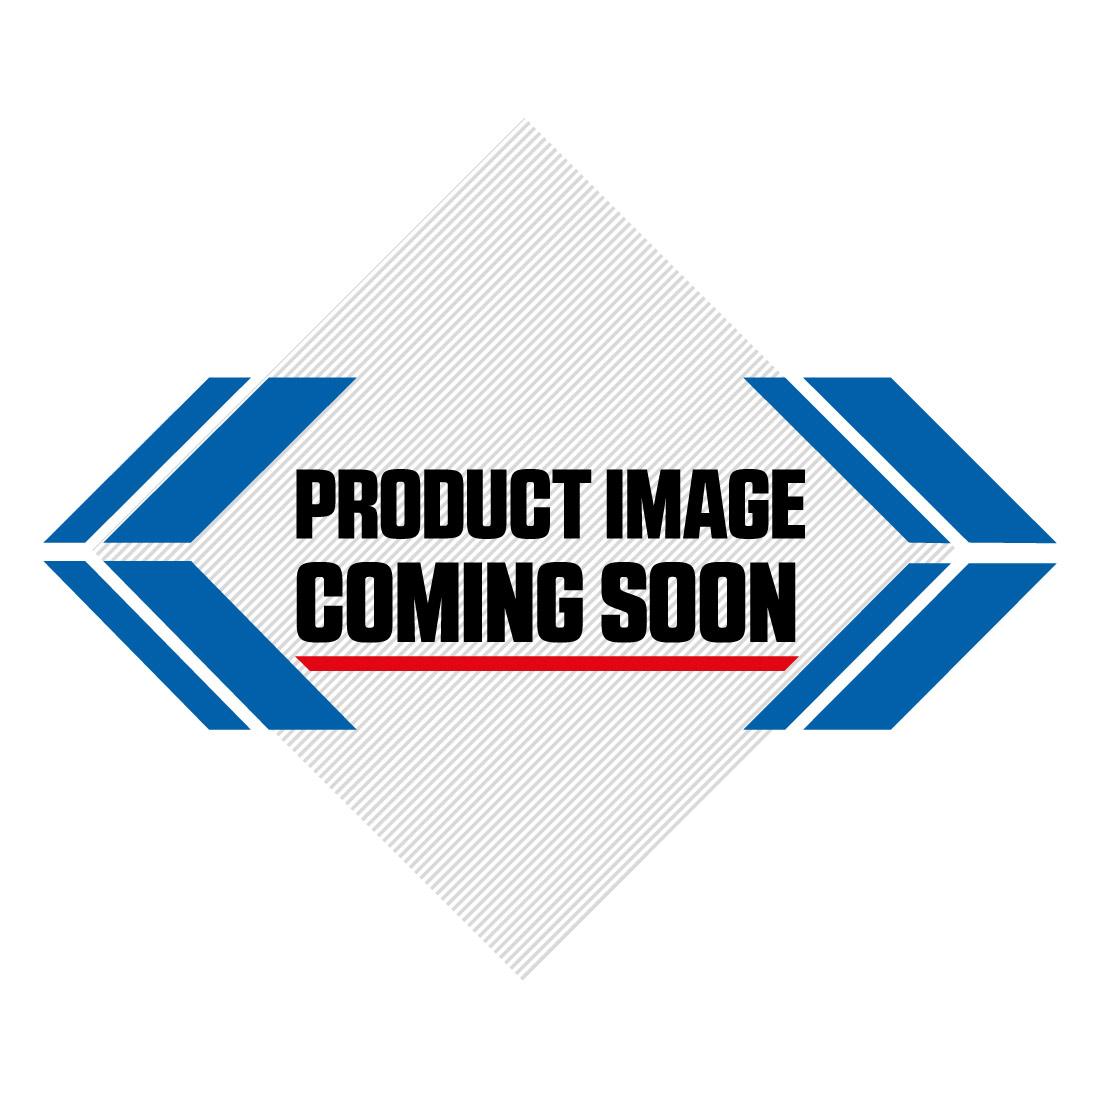 UFO KTM Plastic Kit OEM Factory (2017) Image-1